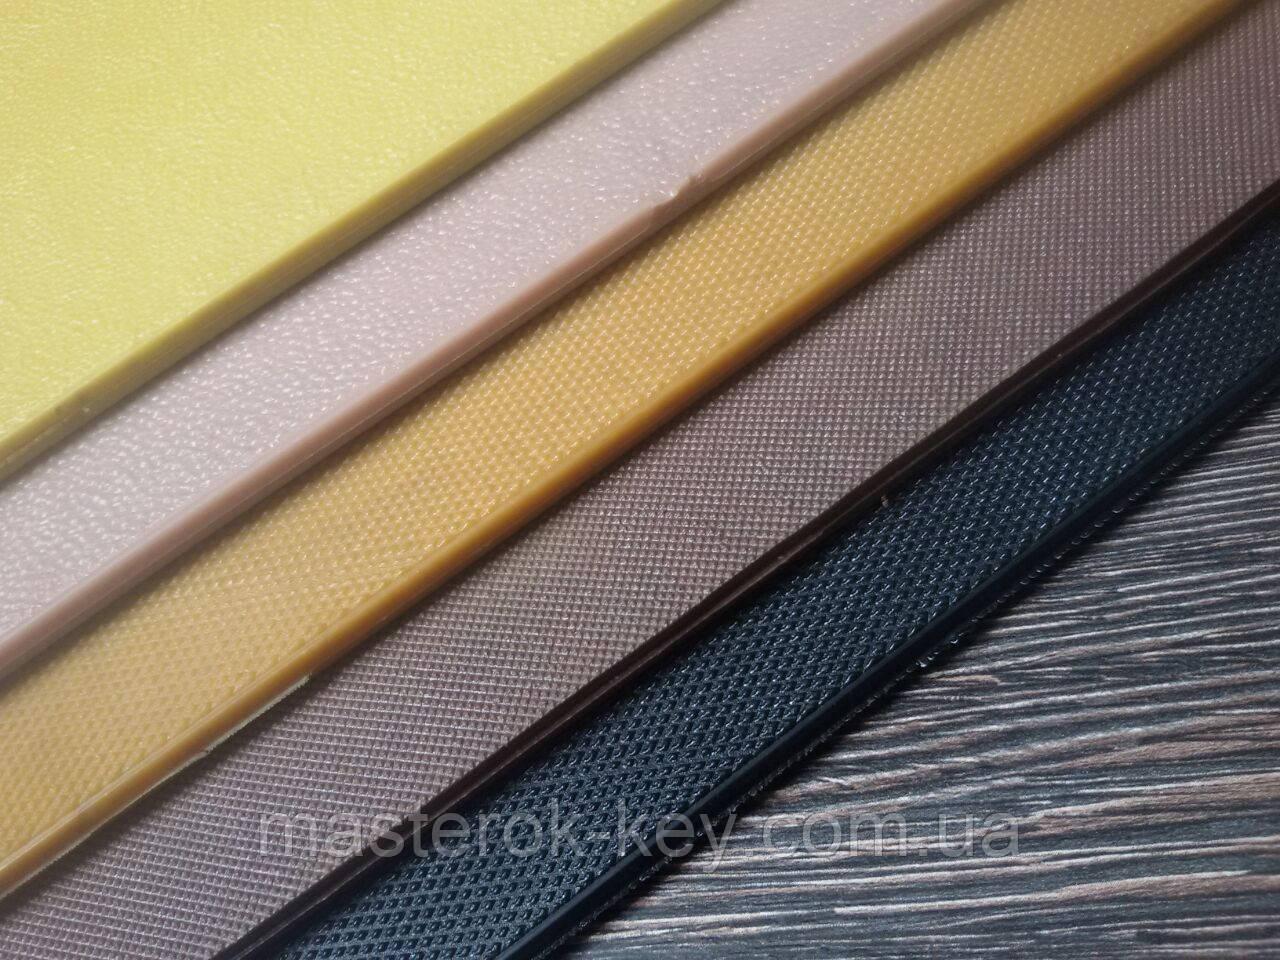 """Полиуретан обувной ITALY STRONG рифленый 260*180*6 мм цвет светло-коричневый - Компания """"Мастерок"""" в Днепре"""